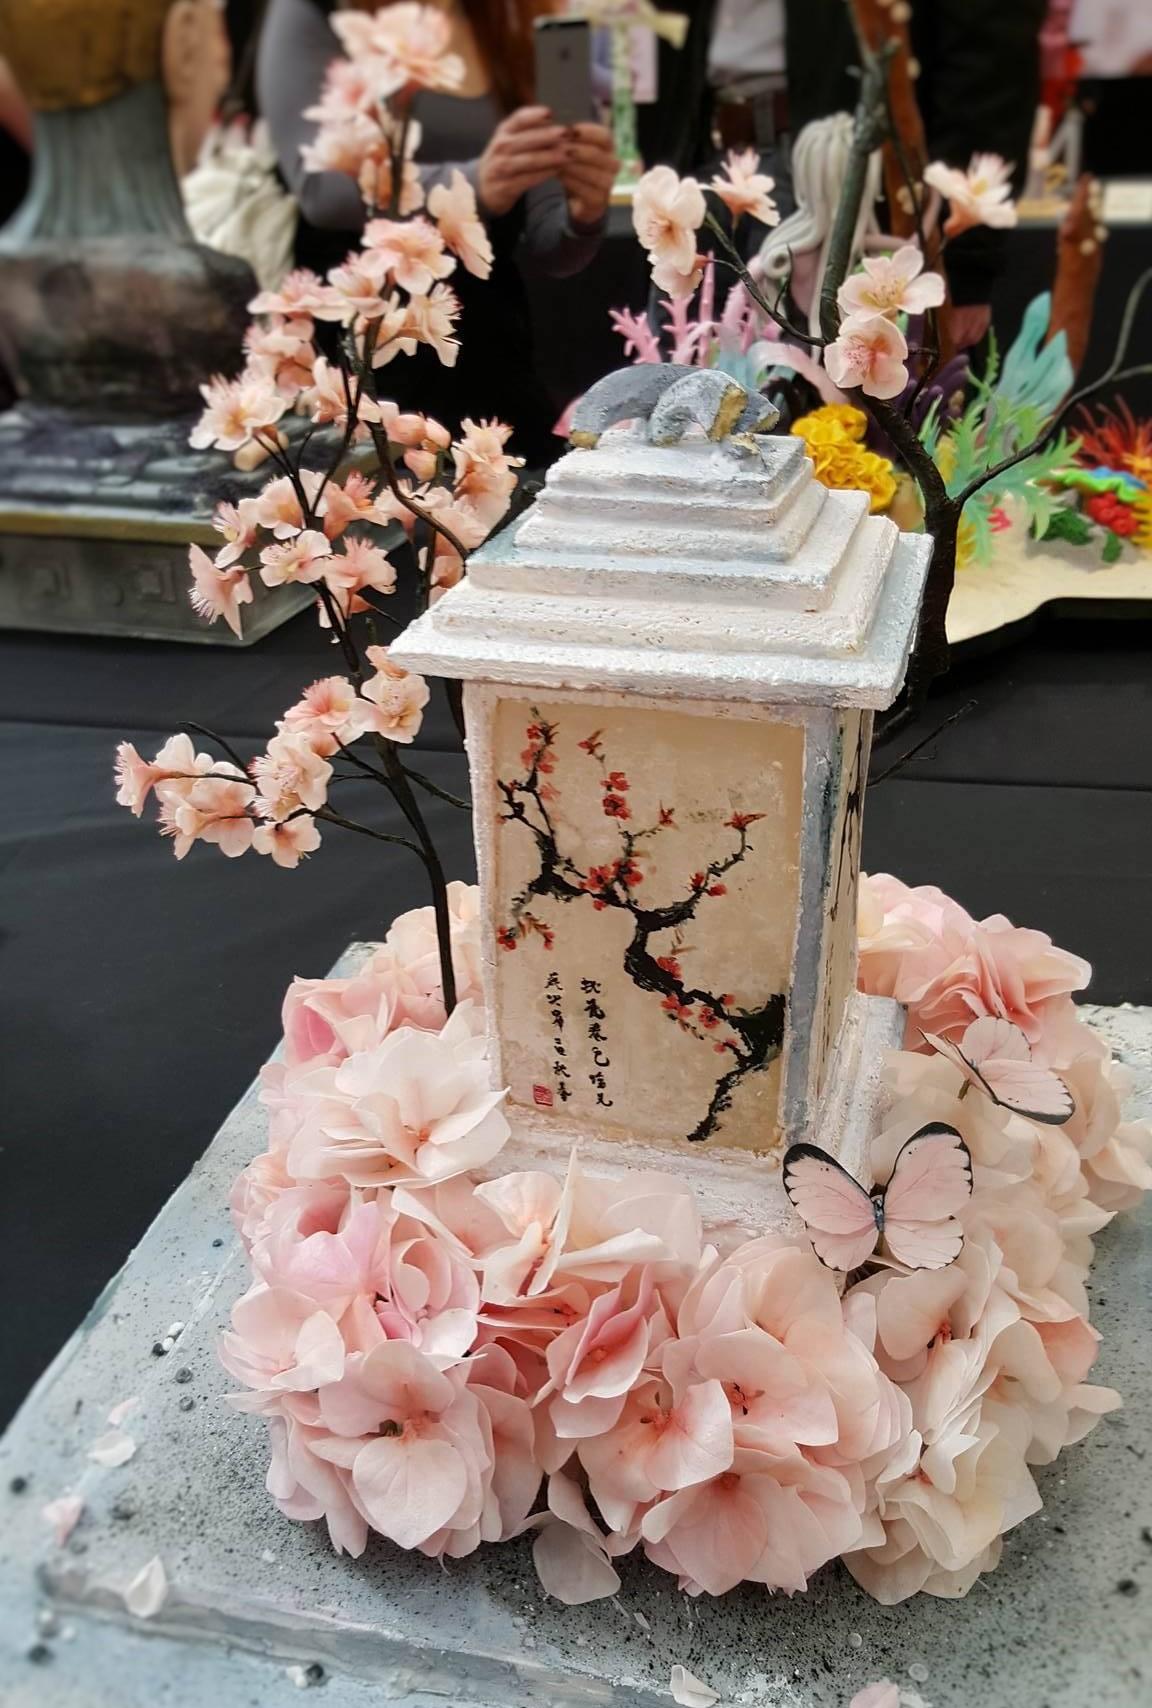 Wedding Cake Inspiration - Cherry Blossom